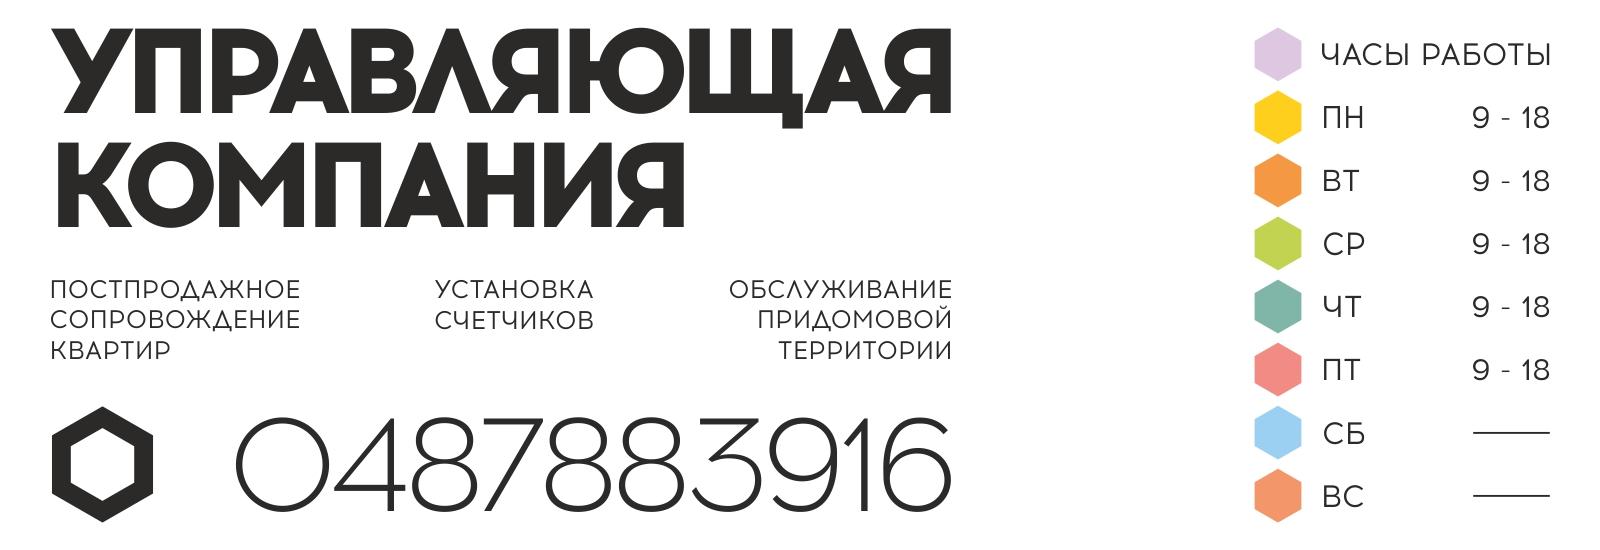 tablichki_1600_550_upravlyayushchaya_kompaniya.jpg